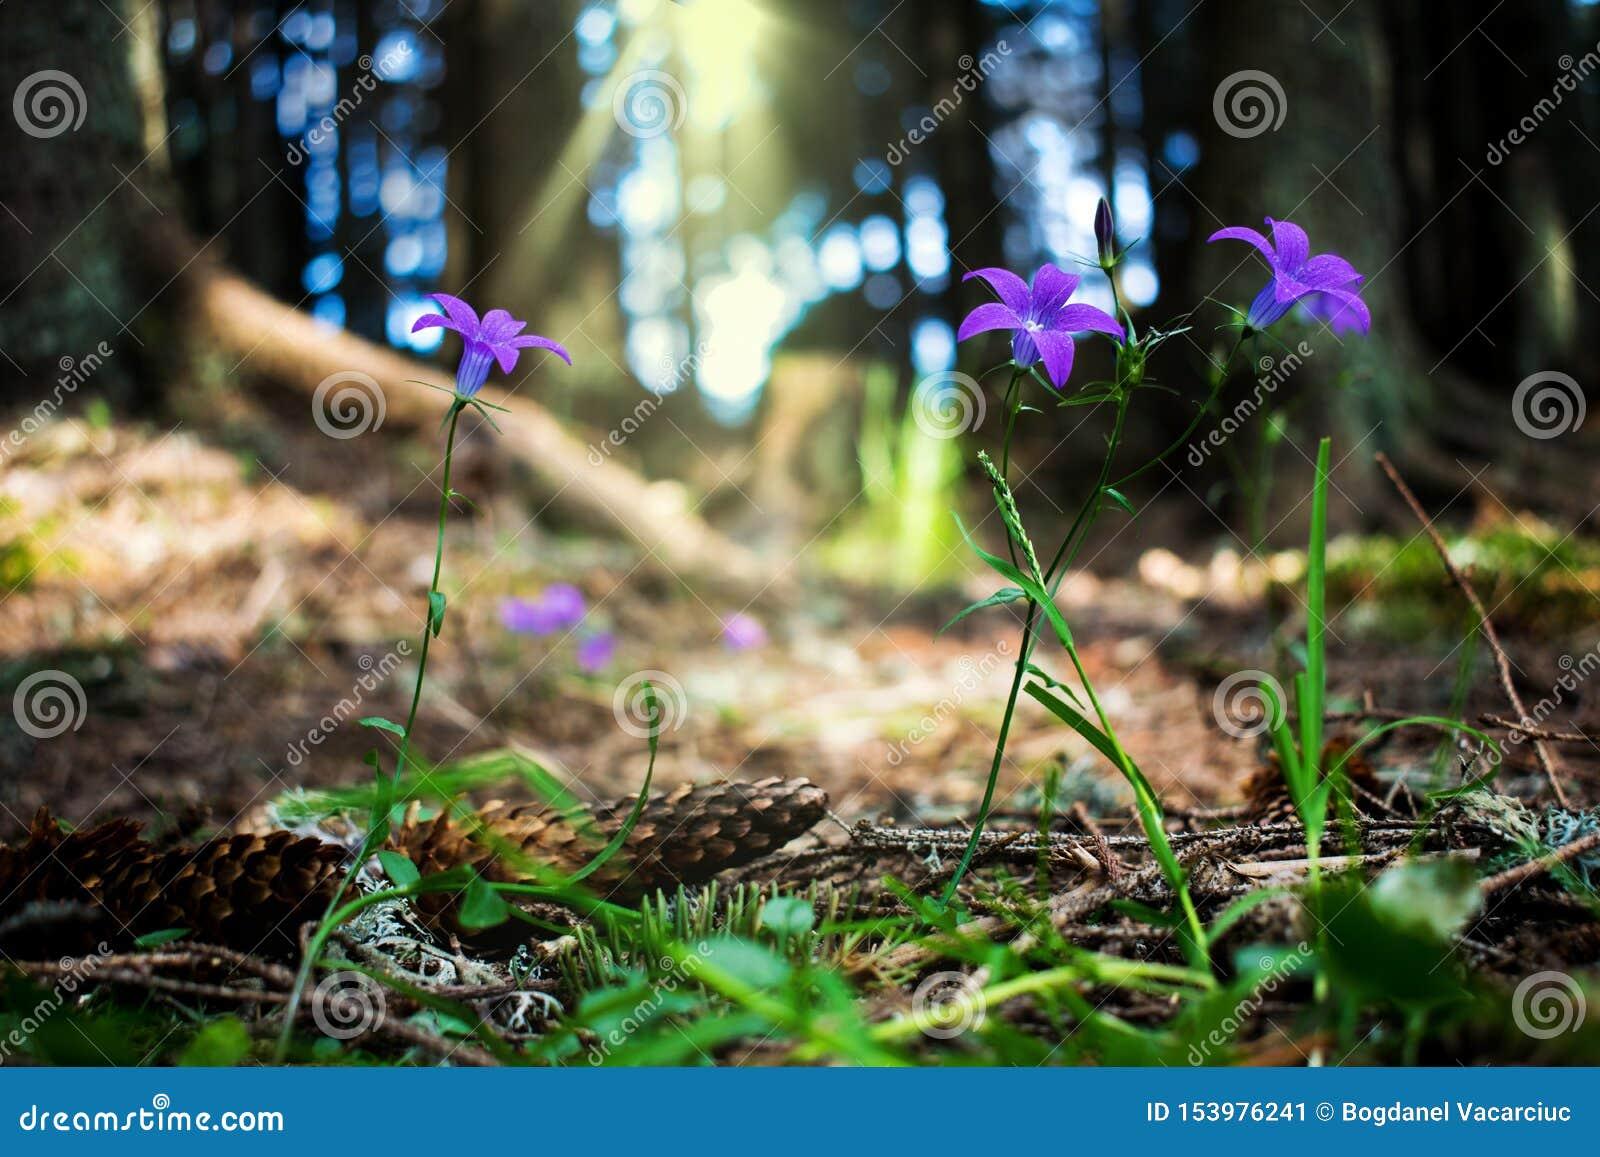 Pi?kny g?ra krajobraz Obrazek purpurowy kwiatu dorośnięcie w halnych lasach w cieniu drzewa, Pokój wewnątrz i pokój